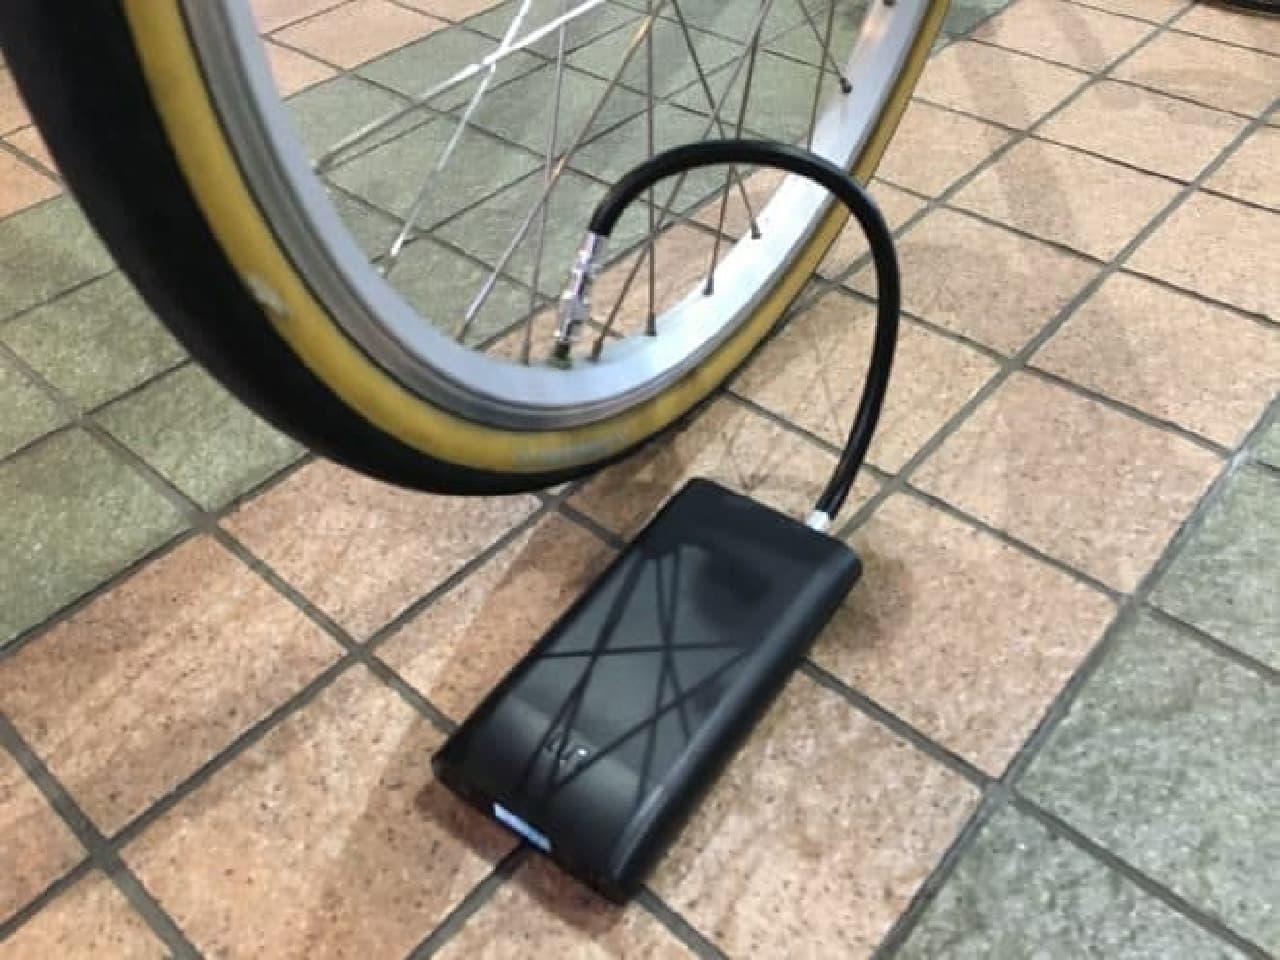 ポケットに入る自転車用電動空気入れ「Smart Air Pump M1」